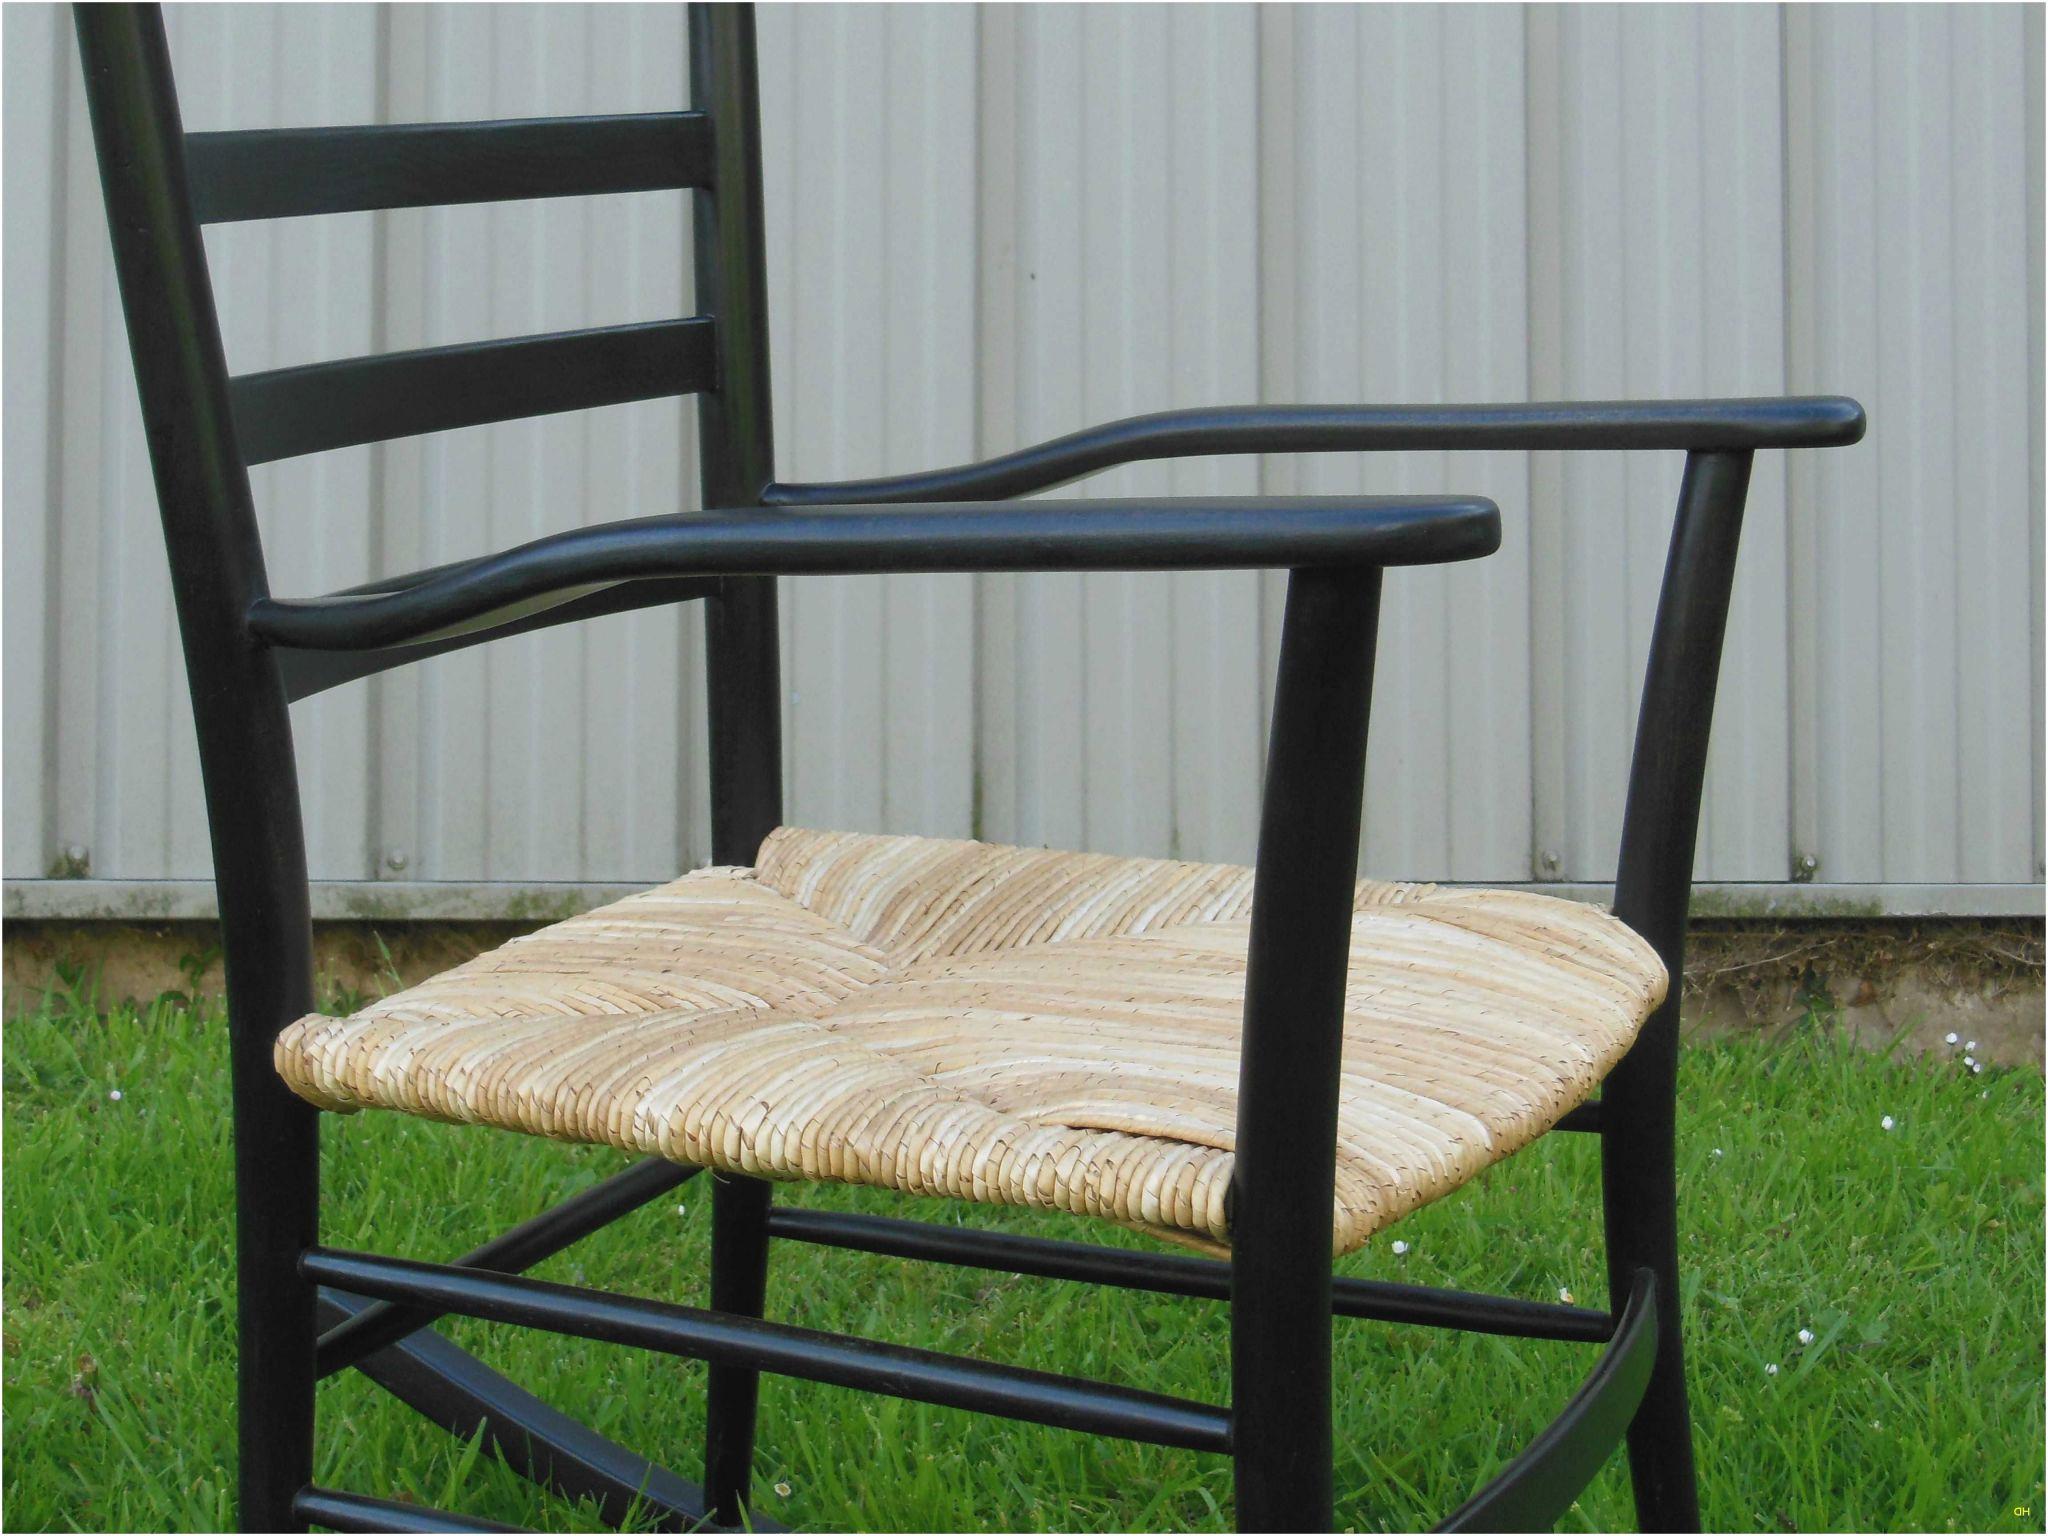 incroyable photos de castorama chaise unique chaise pliante de jardin castorama recursiveuniverse conception de of incroyable photos de castorama chaise